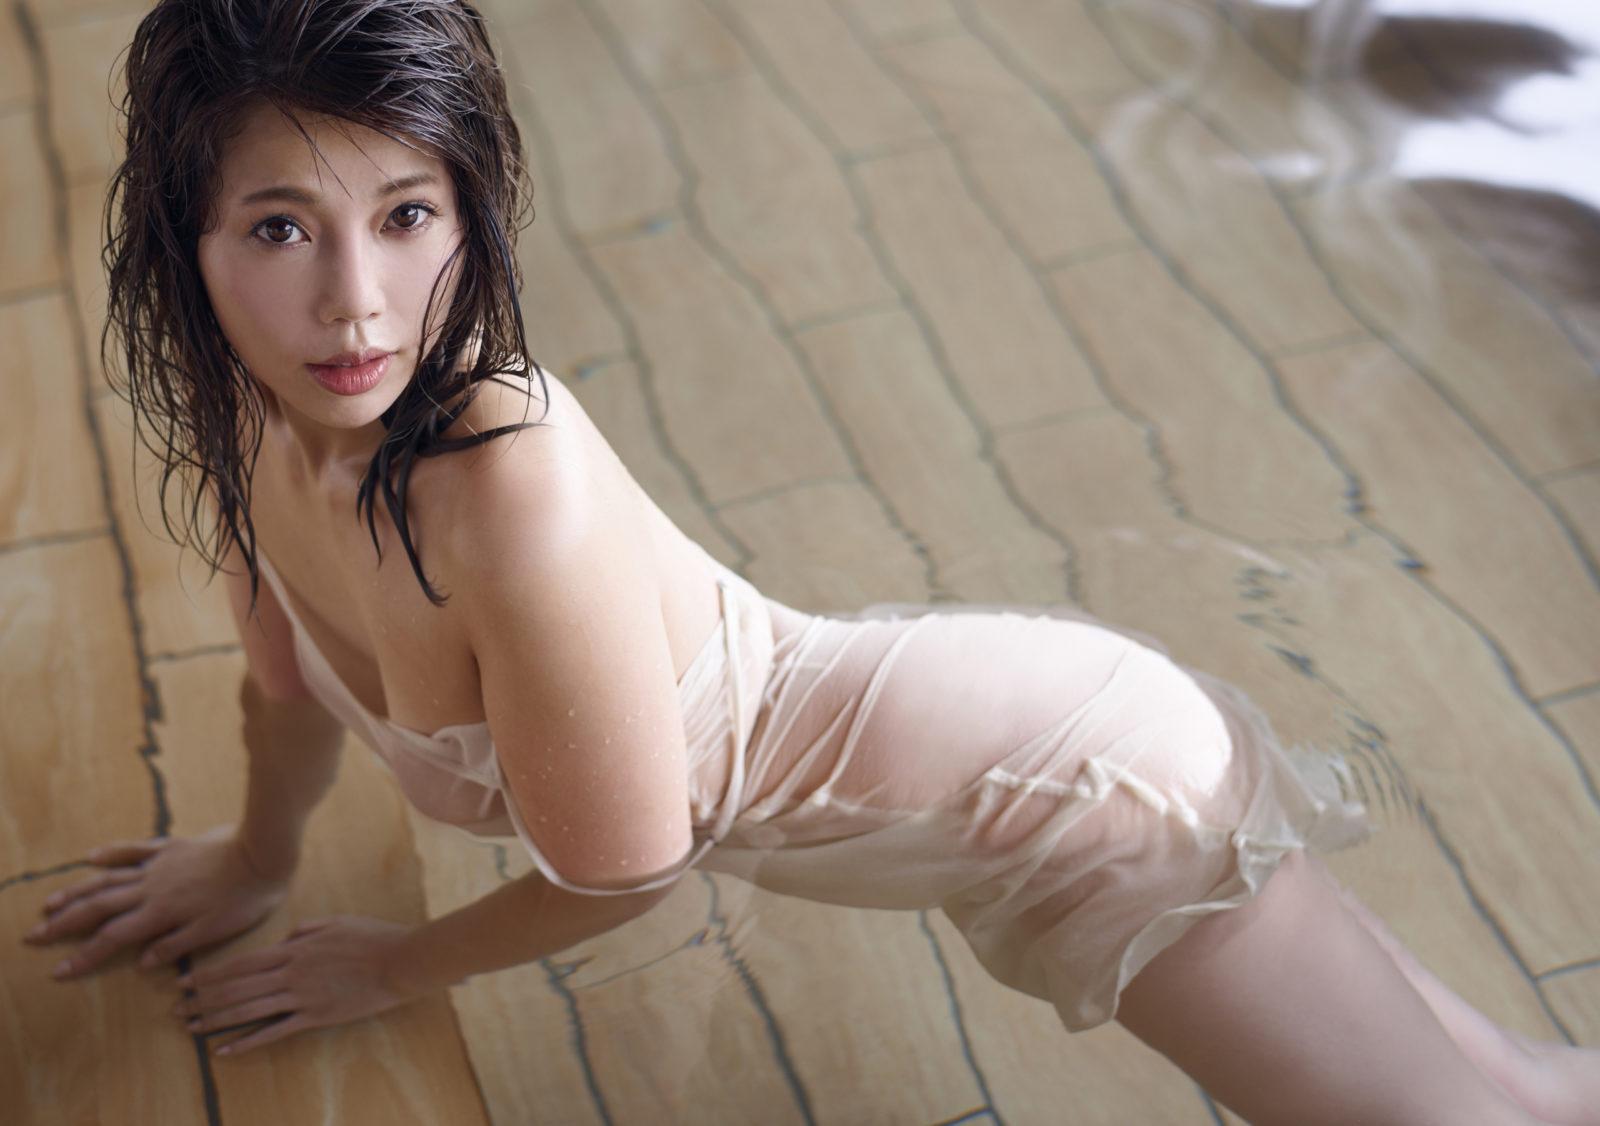 12年ぶりグラビア!住谷杏奈の入浴シーン&ランジェリー姿の未公開セクシーカットを公開サムネイル画像